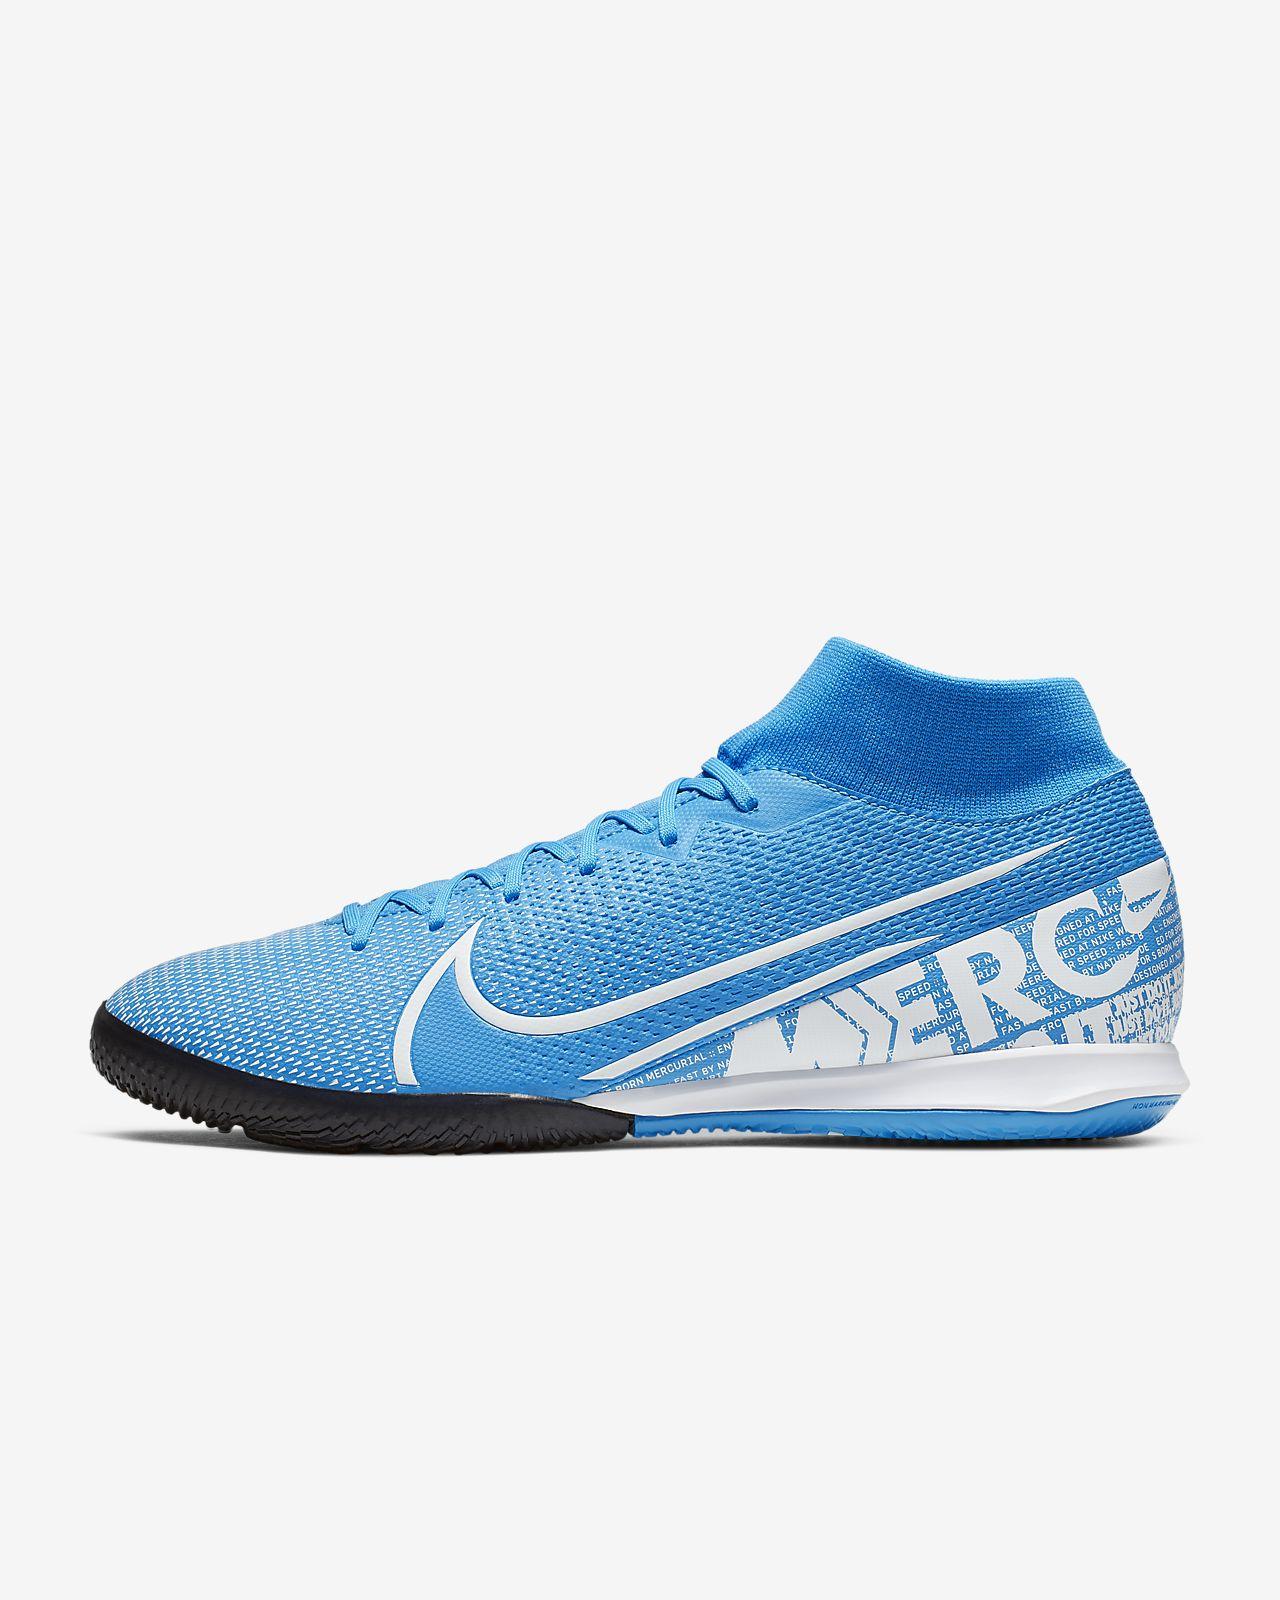 Nike Mercurial Superfly 7 Academy IC Fußballschuh für Hallen- und Hartplätze